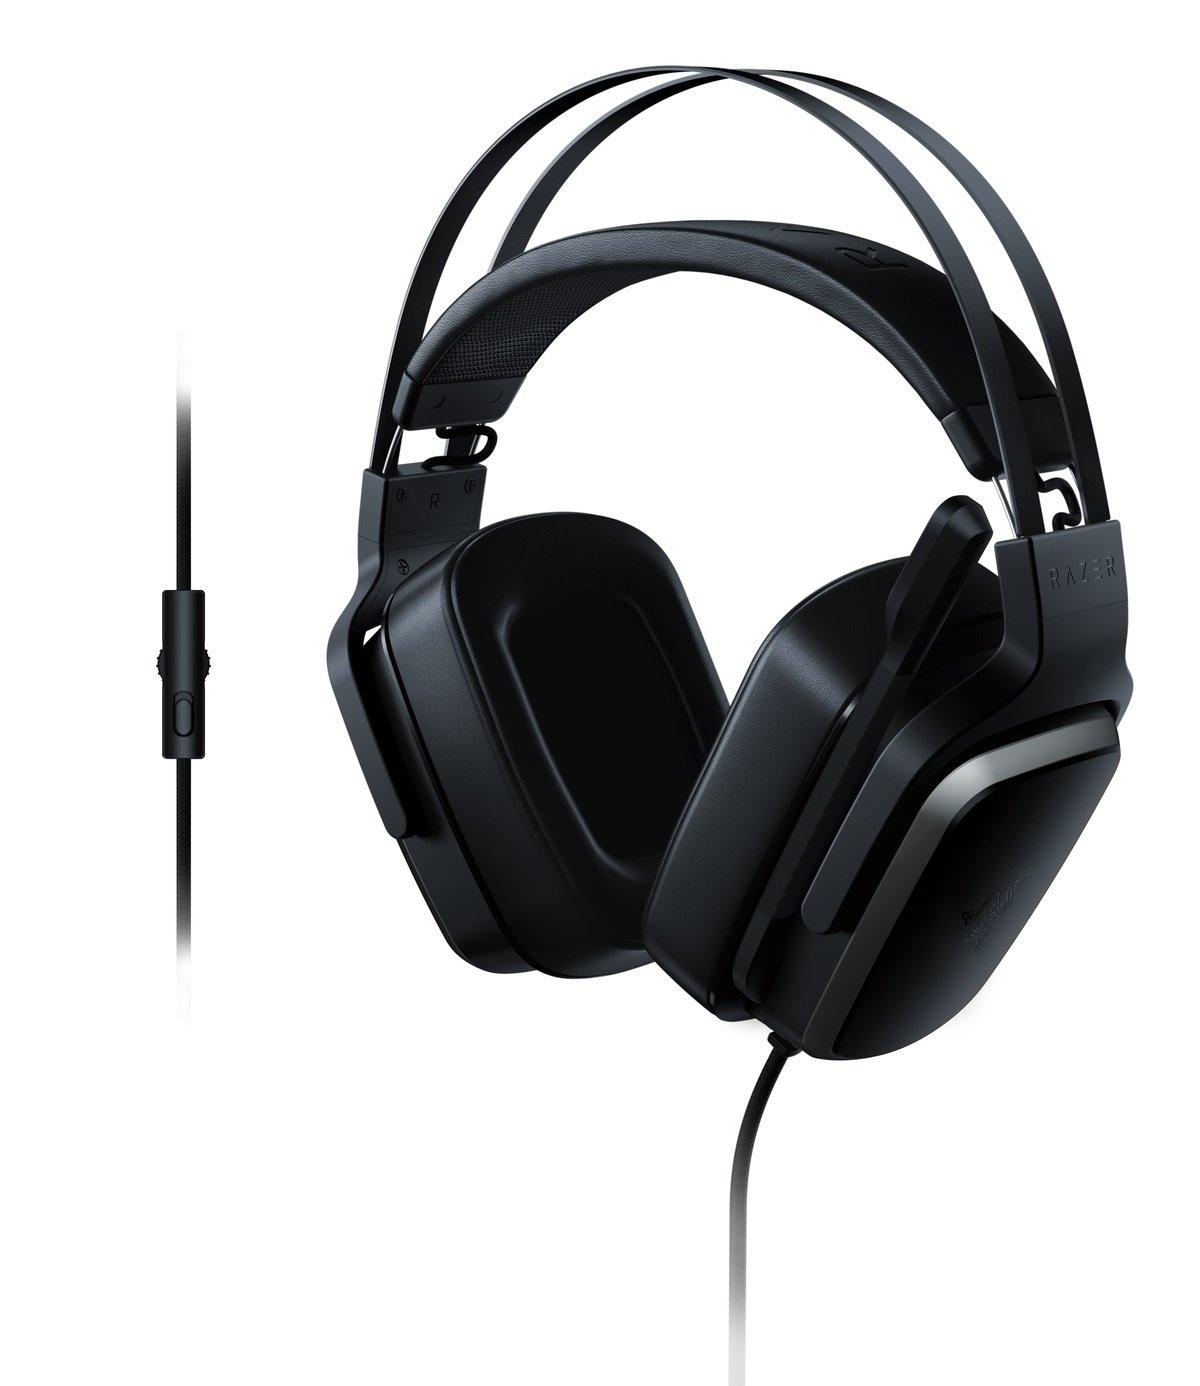 Razer Tiamat 2.2 V2 Binaural Diadema Negro Auricular con micrófono - Auriculares con micrófono (Consola de Videojuegos + PC/Videojuegos, 58 dB, 7.1 Canales, ...